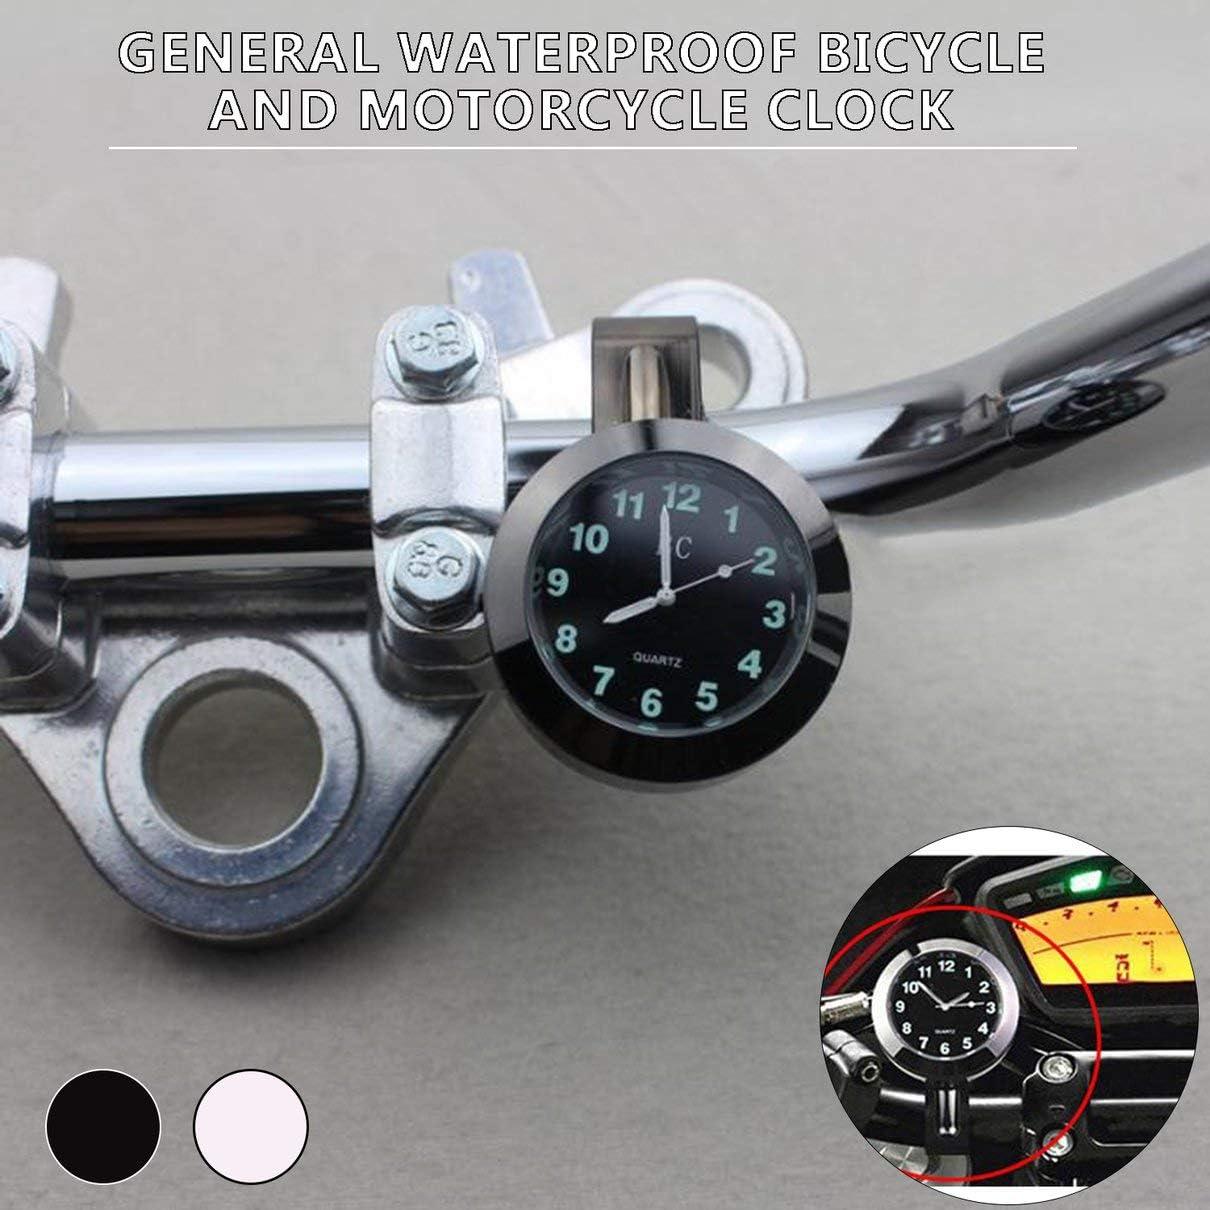 Orologio da bici impermeabile universale Grow In Dark Clock per moto Quadrante in lega di alluminio Mini per montaggio su manubrio bici nero